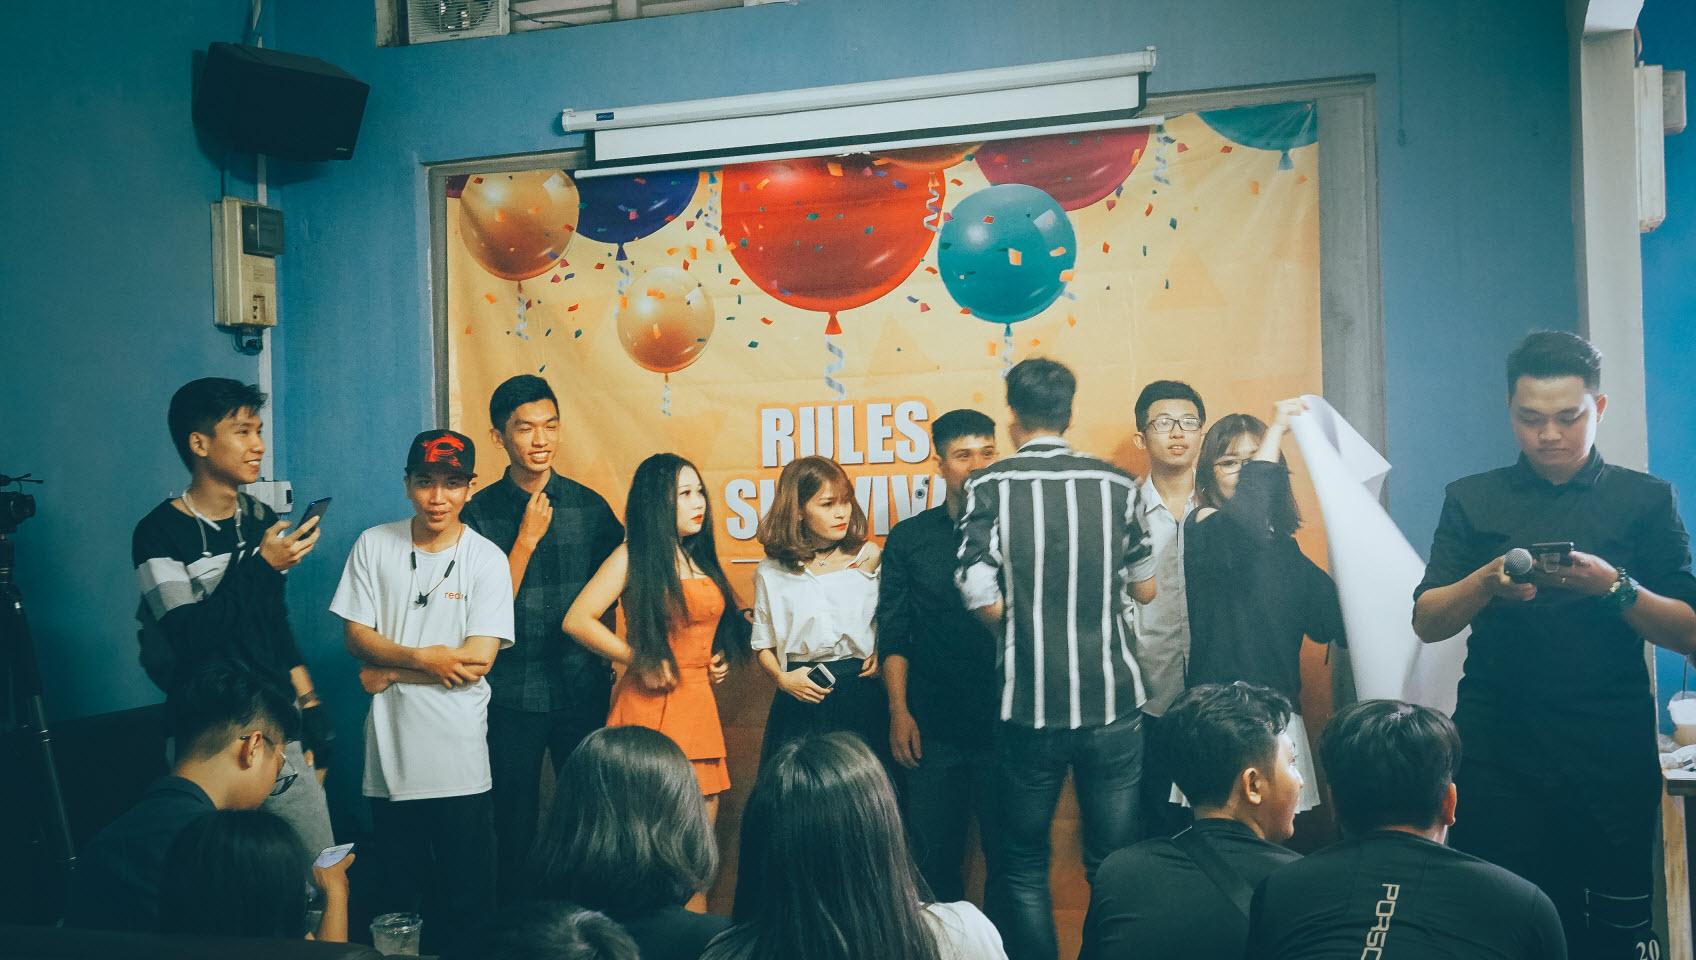 Cộng đồng Rules of Survival tổ chức offline mừng sinh nhật tại Hồ Chí Minh 6